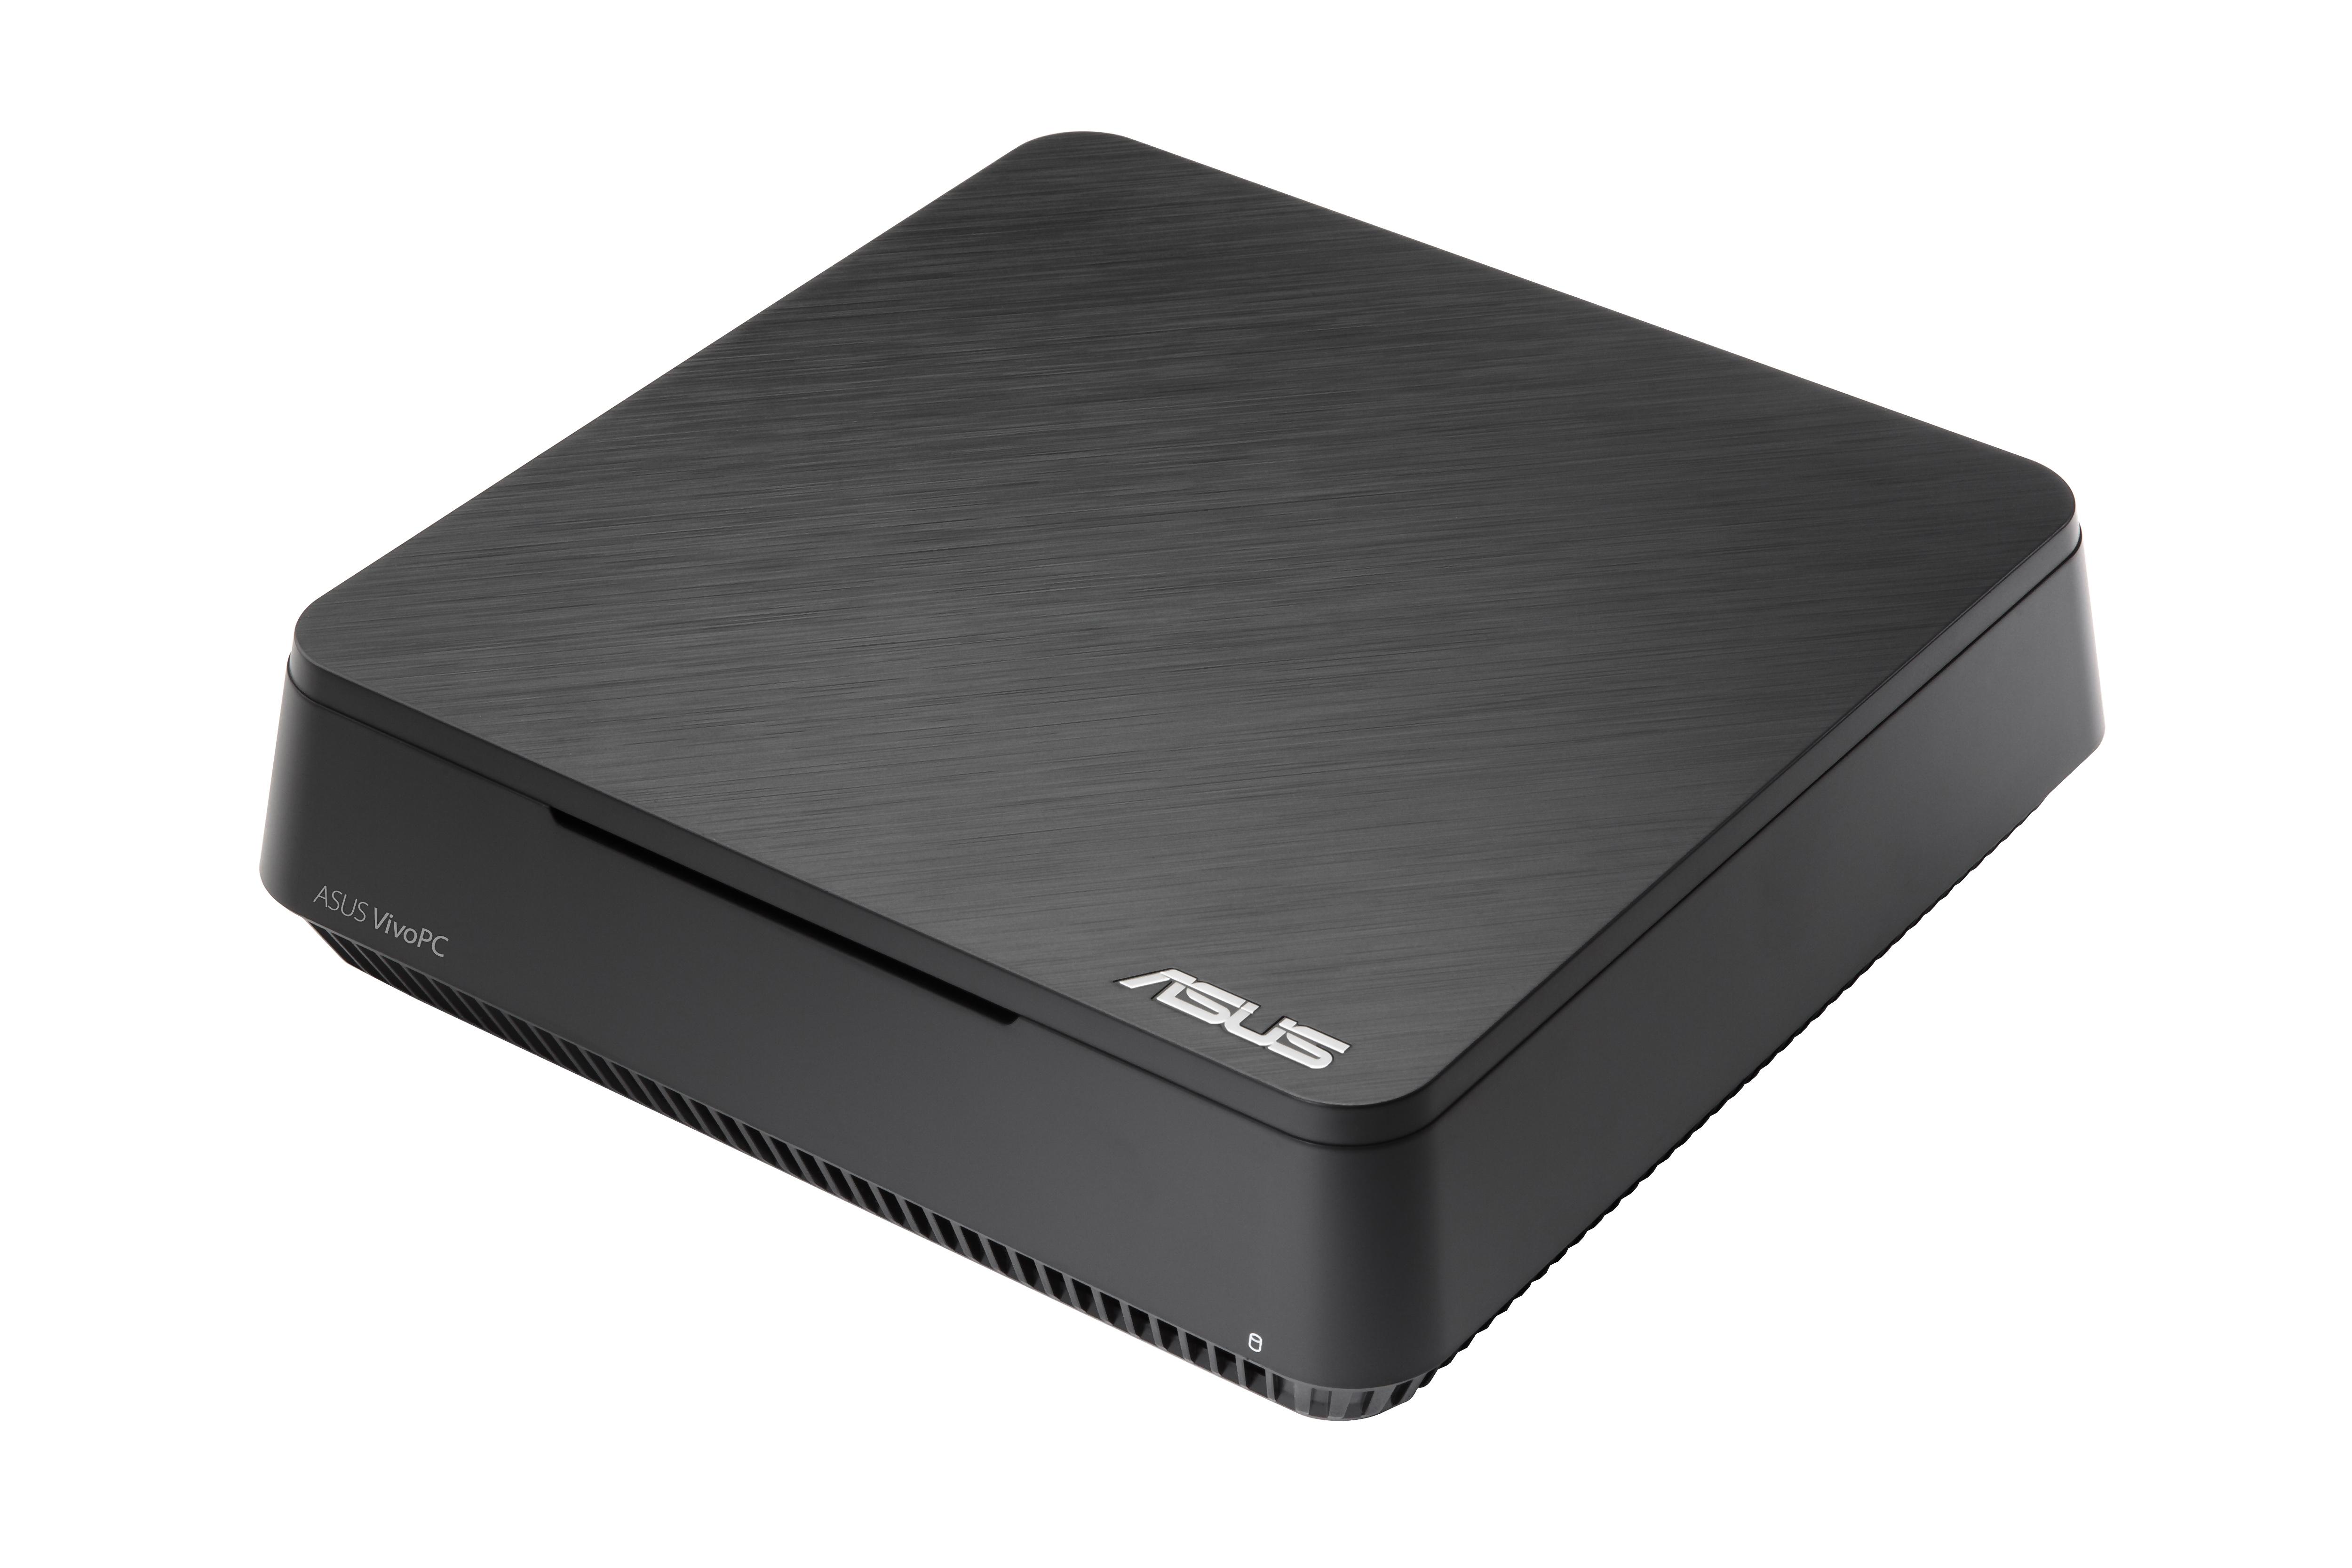 ASUS VIVOPC VM60 USB 3.0 DESCARGAR CONTROLADOR